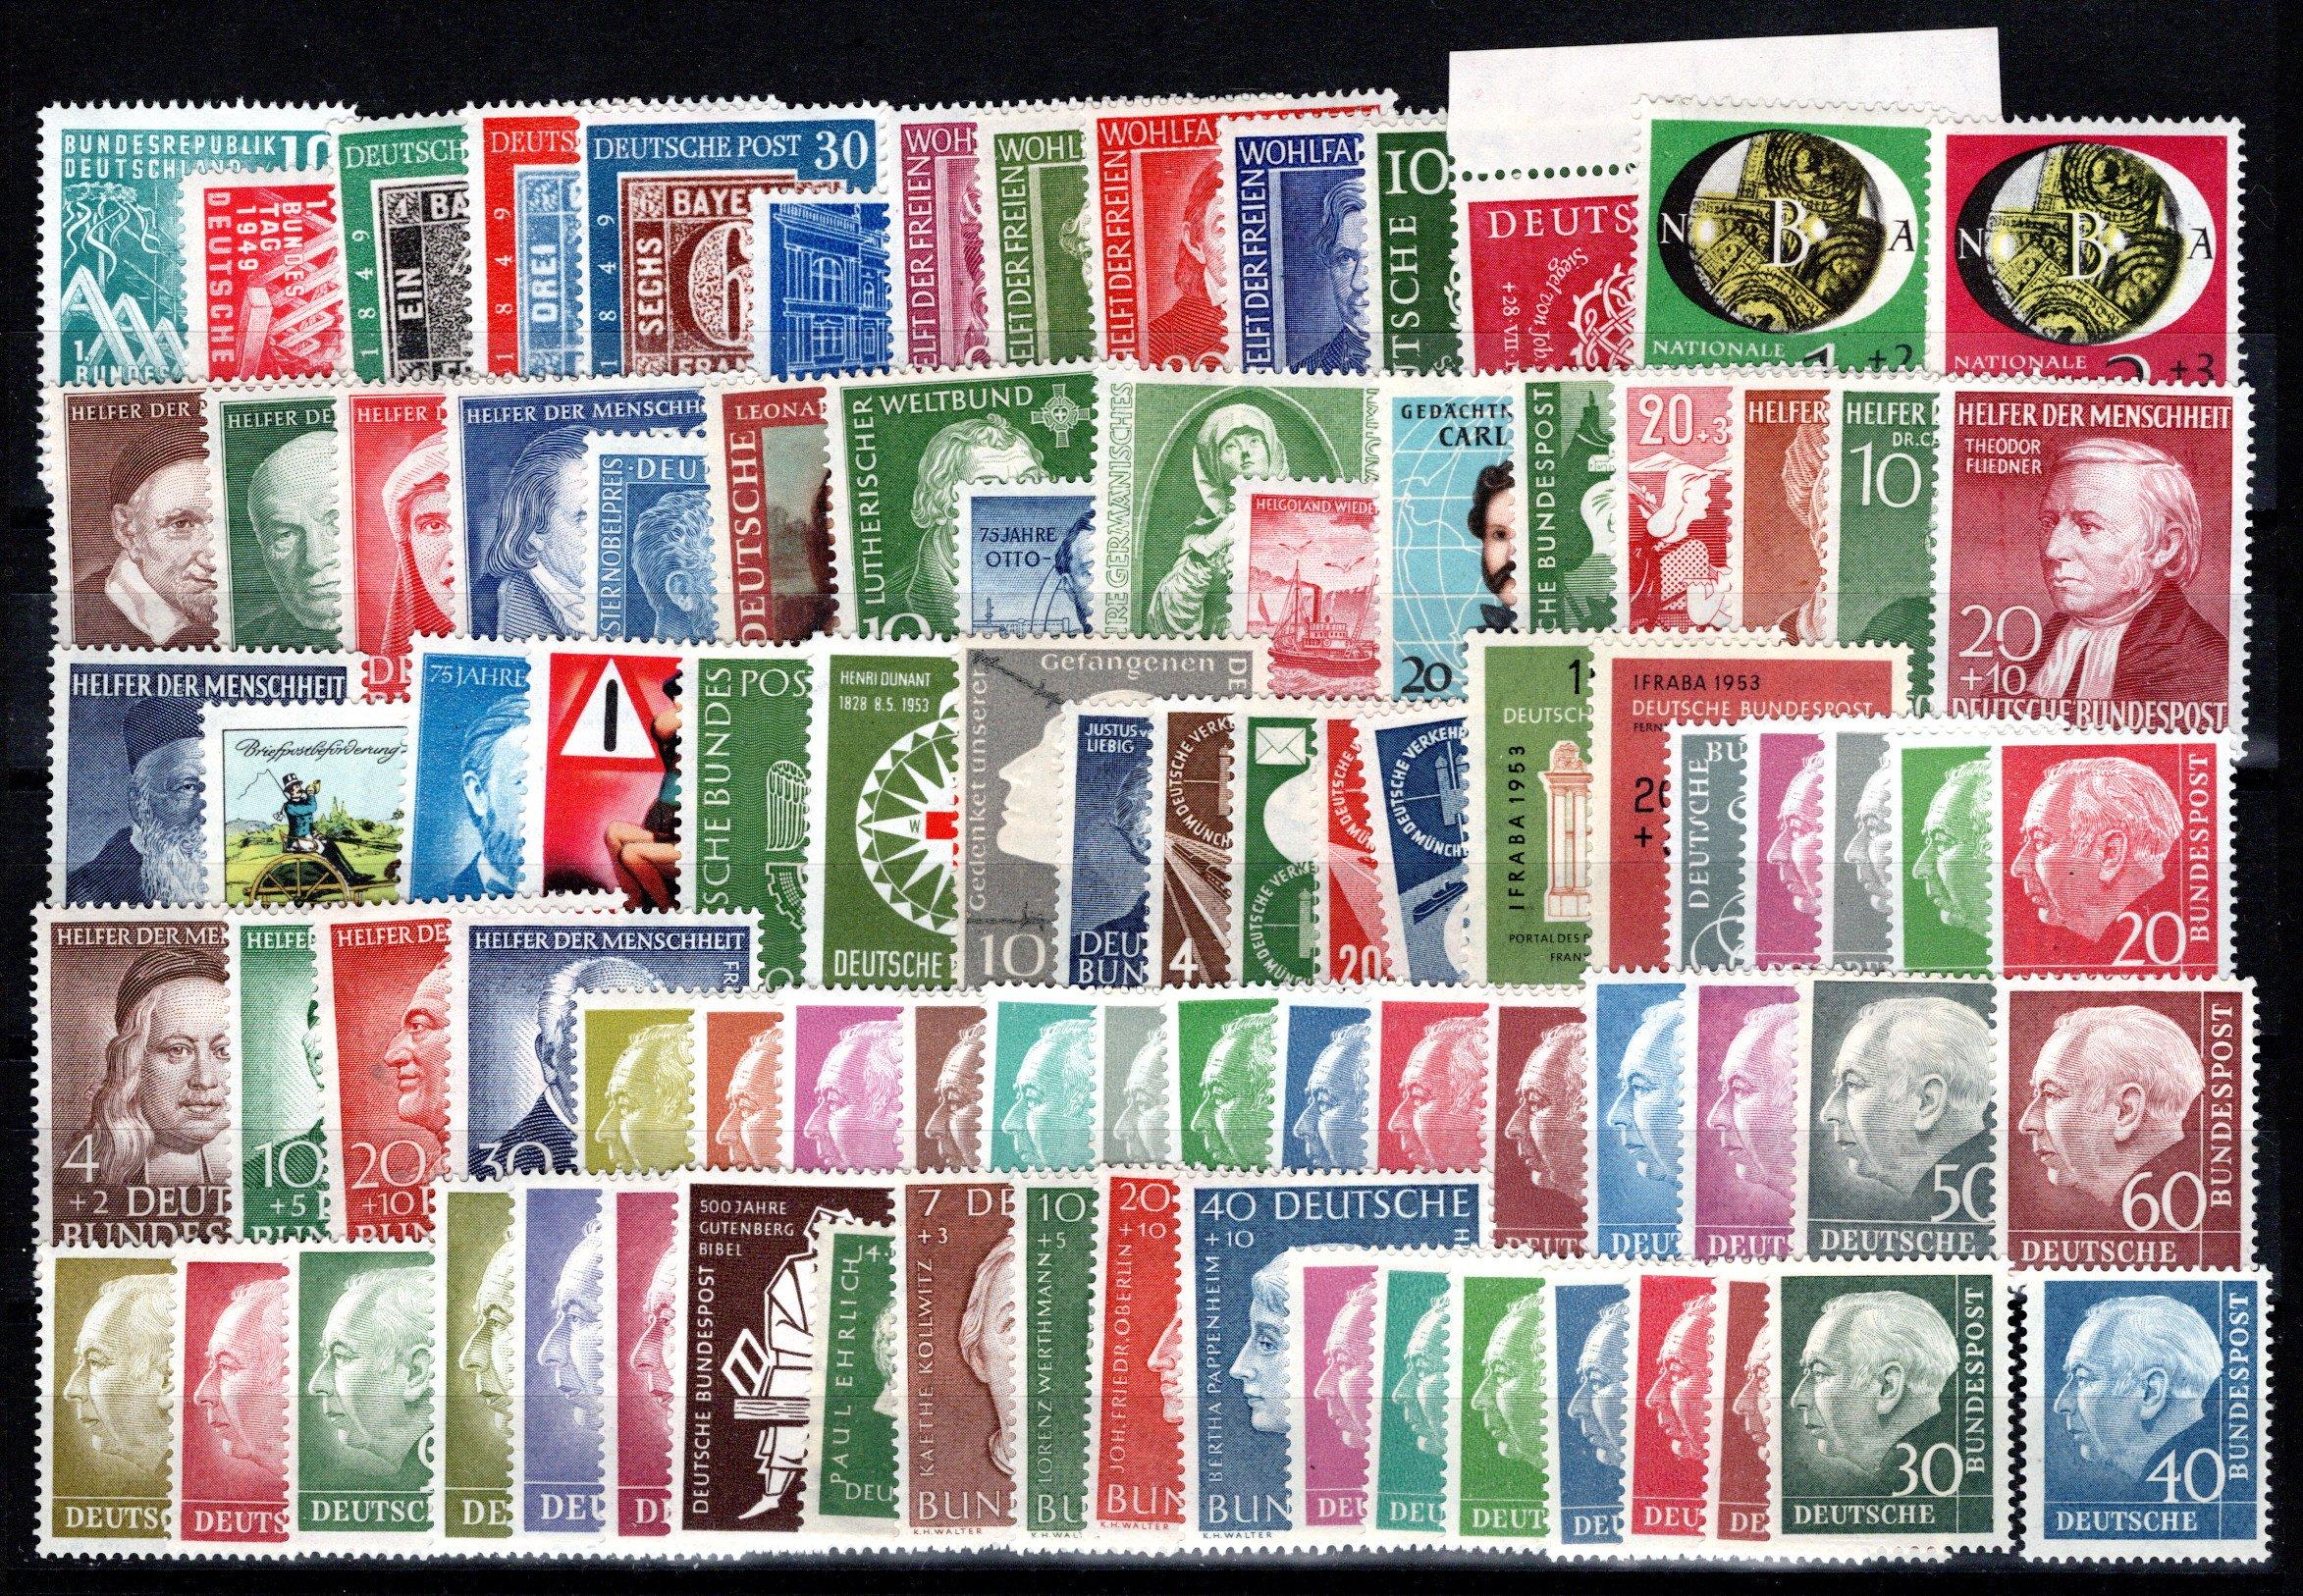 Lot 4231 - germany federal republic -  Georg Bühler Briefmarken Auktionen GmbH 27th mail bid auction